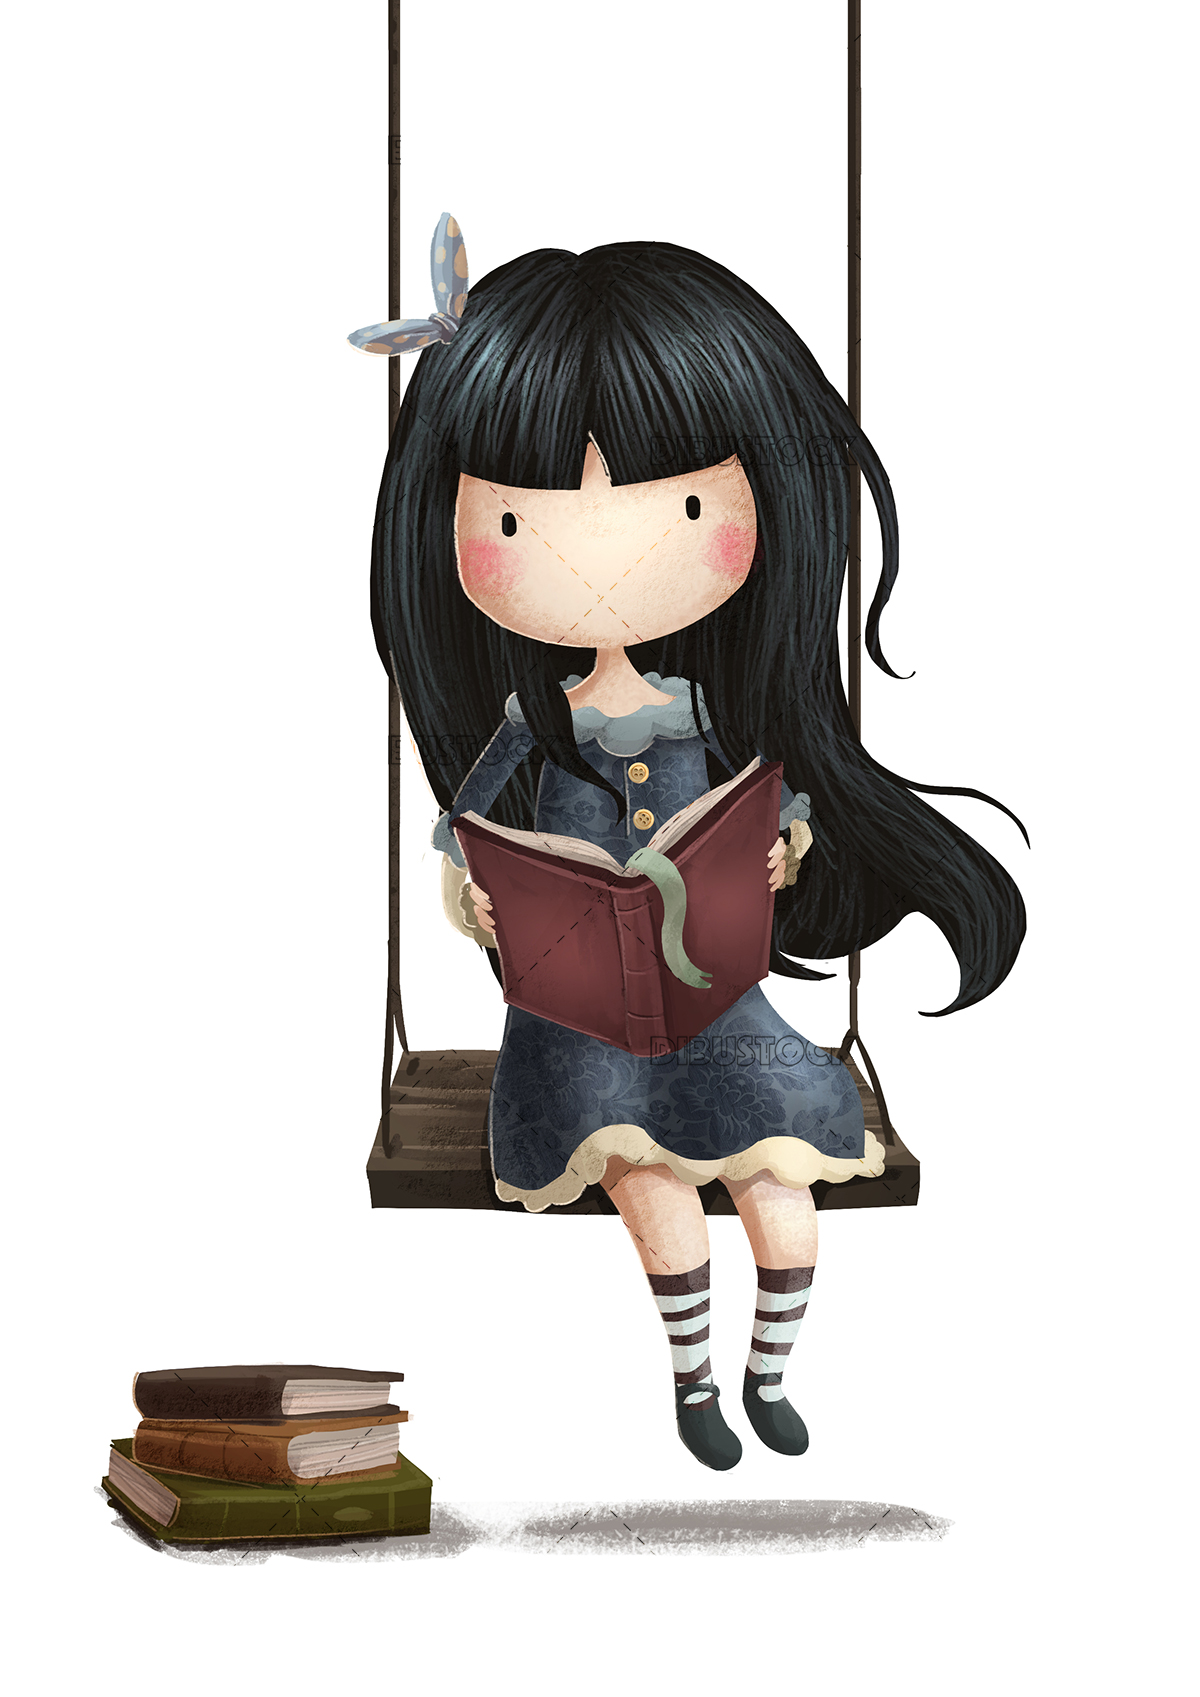 Girl reading on swing